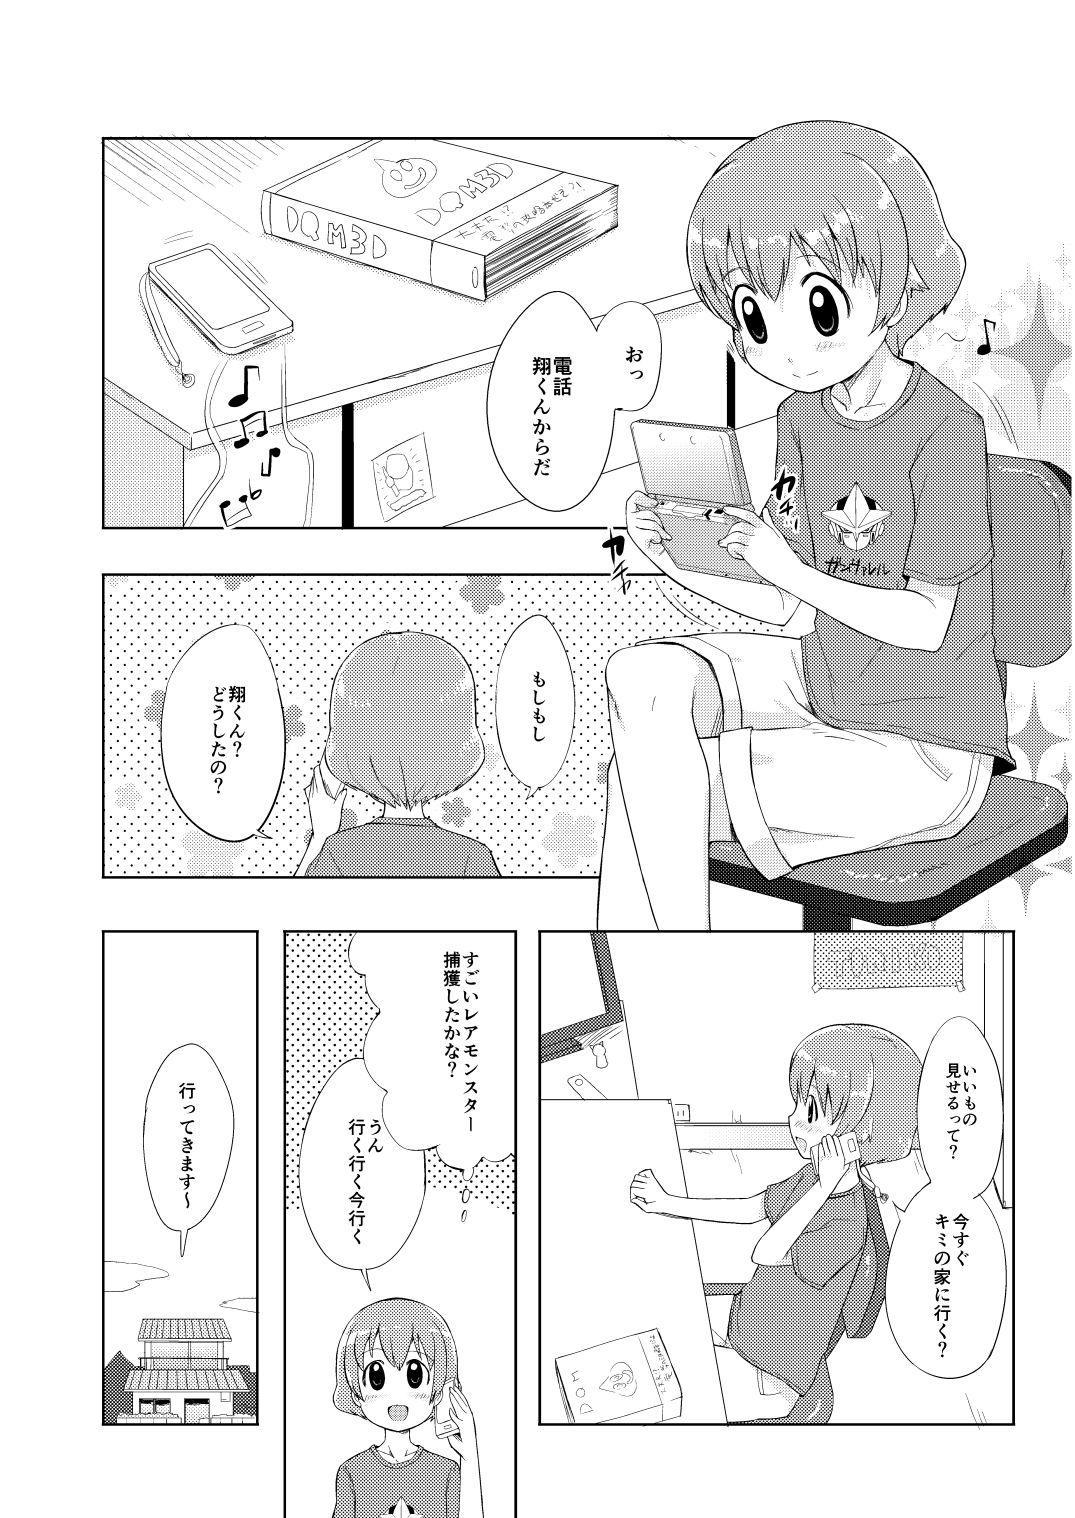 Otokonoko Cosplay Manga Desu yo 1